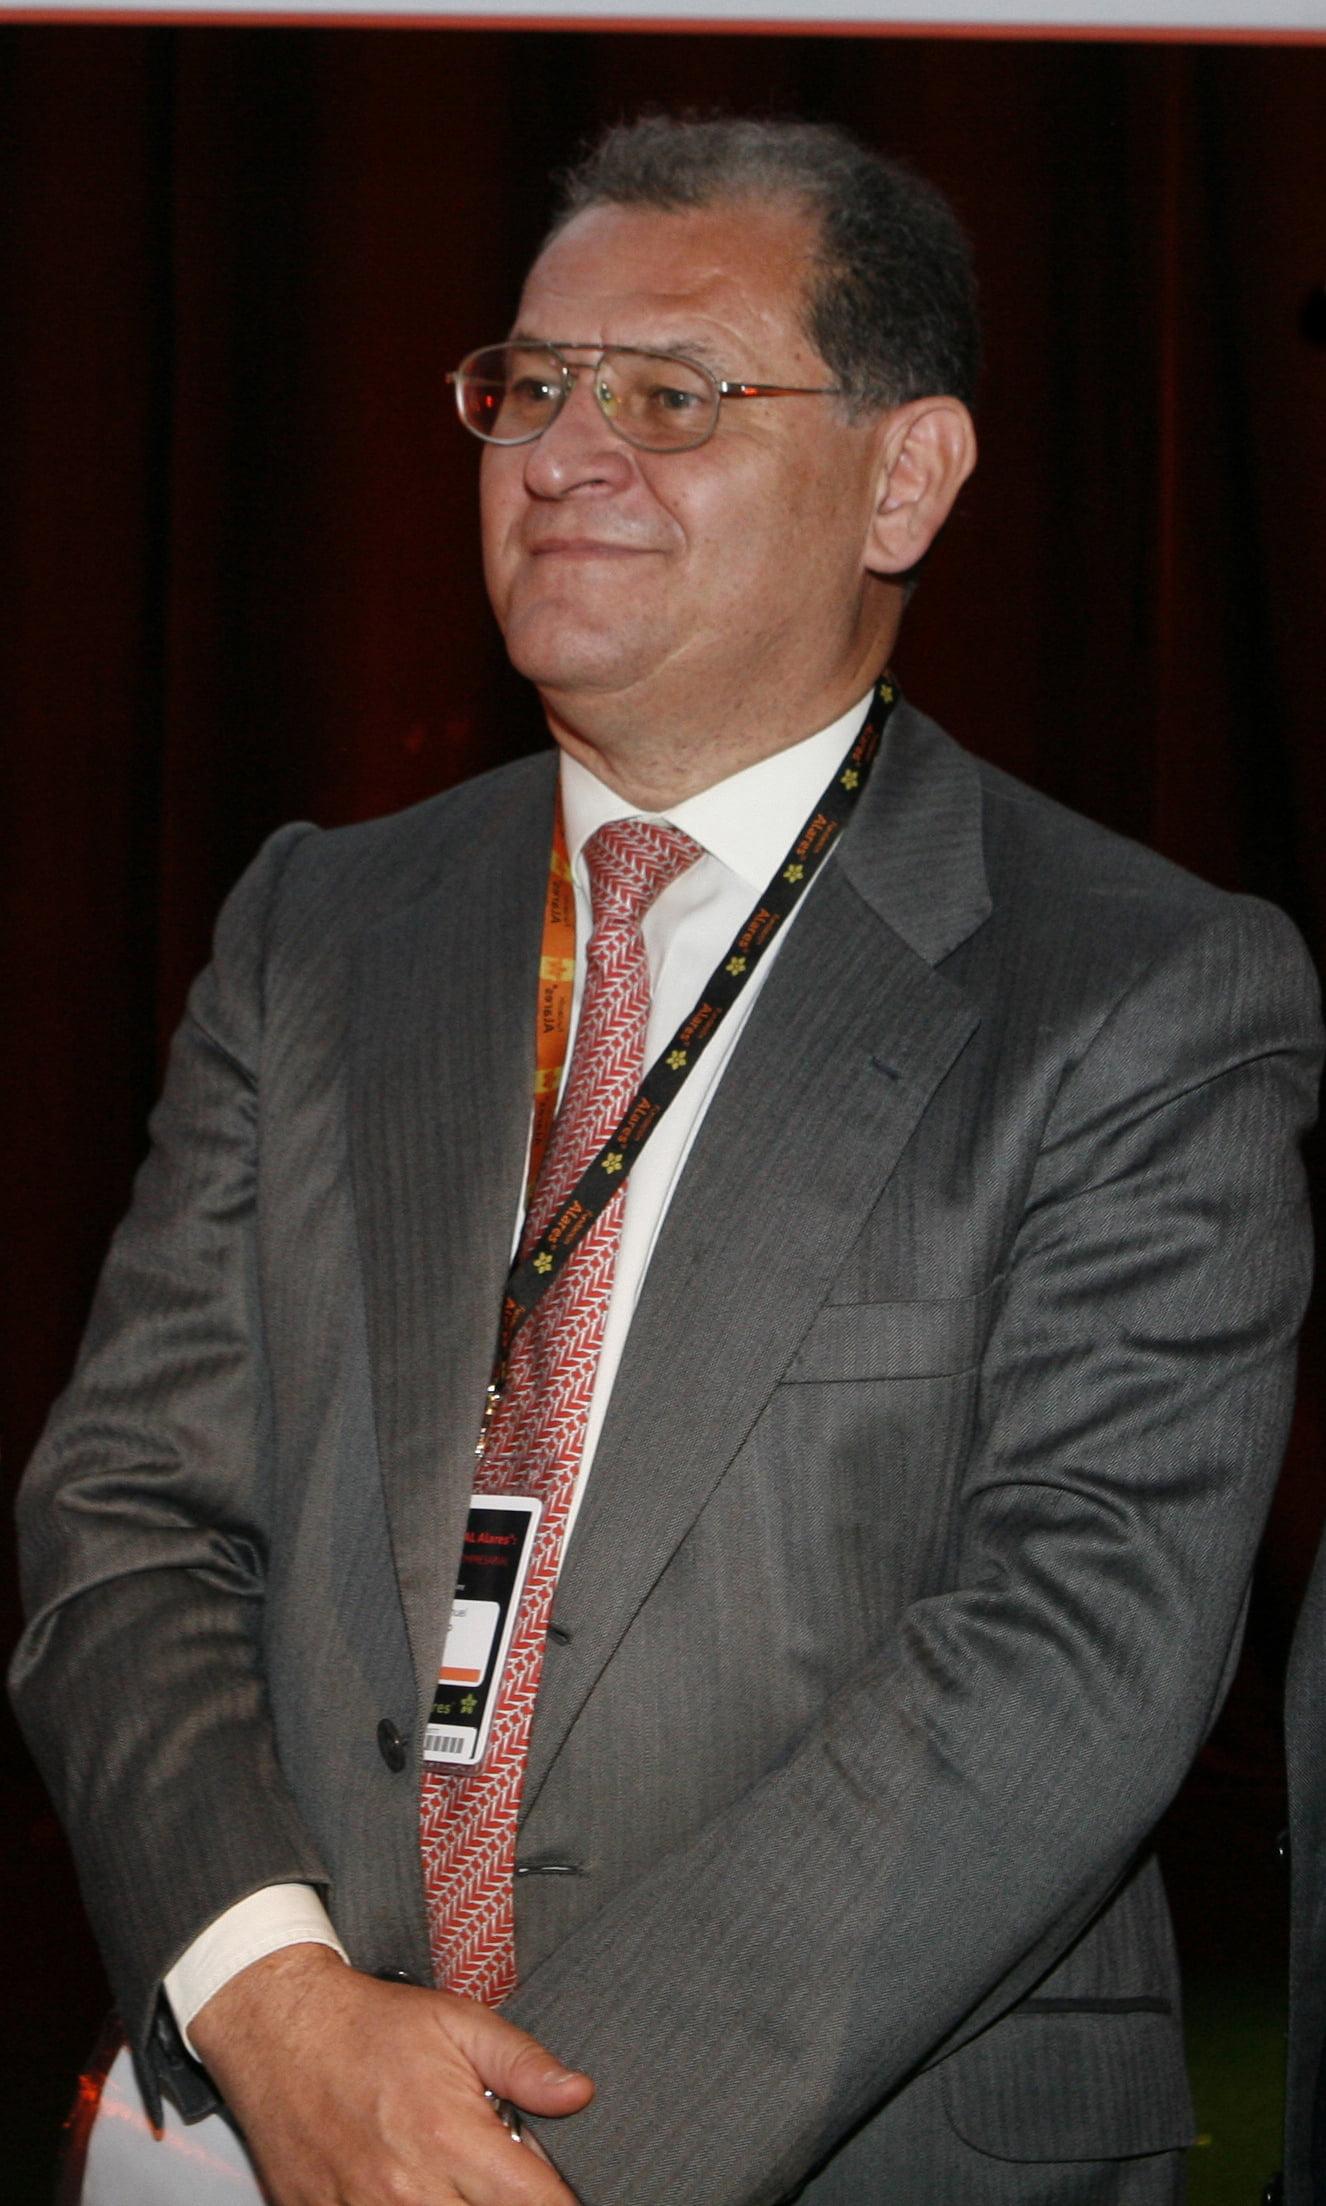 Sr. José Manuel Machado Alique